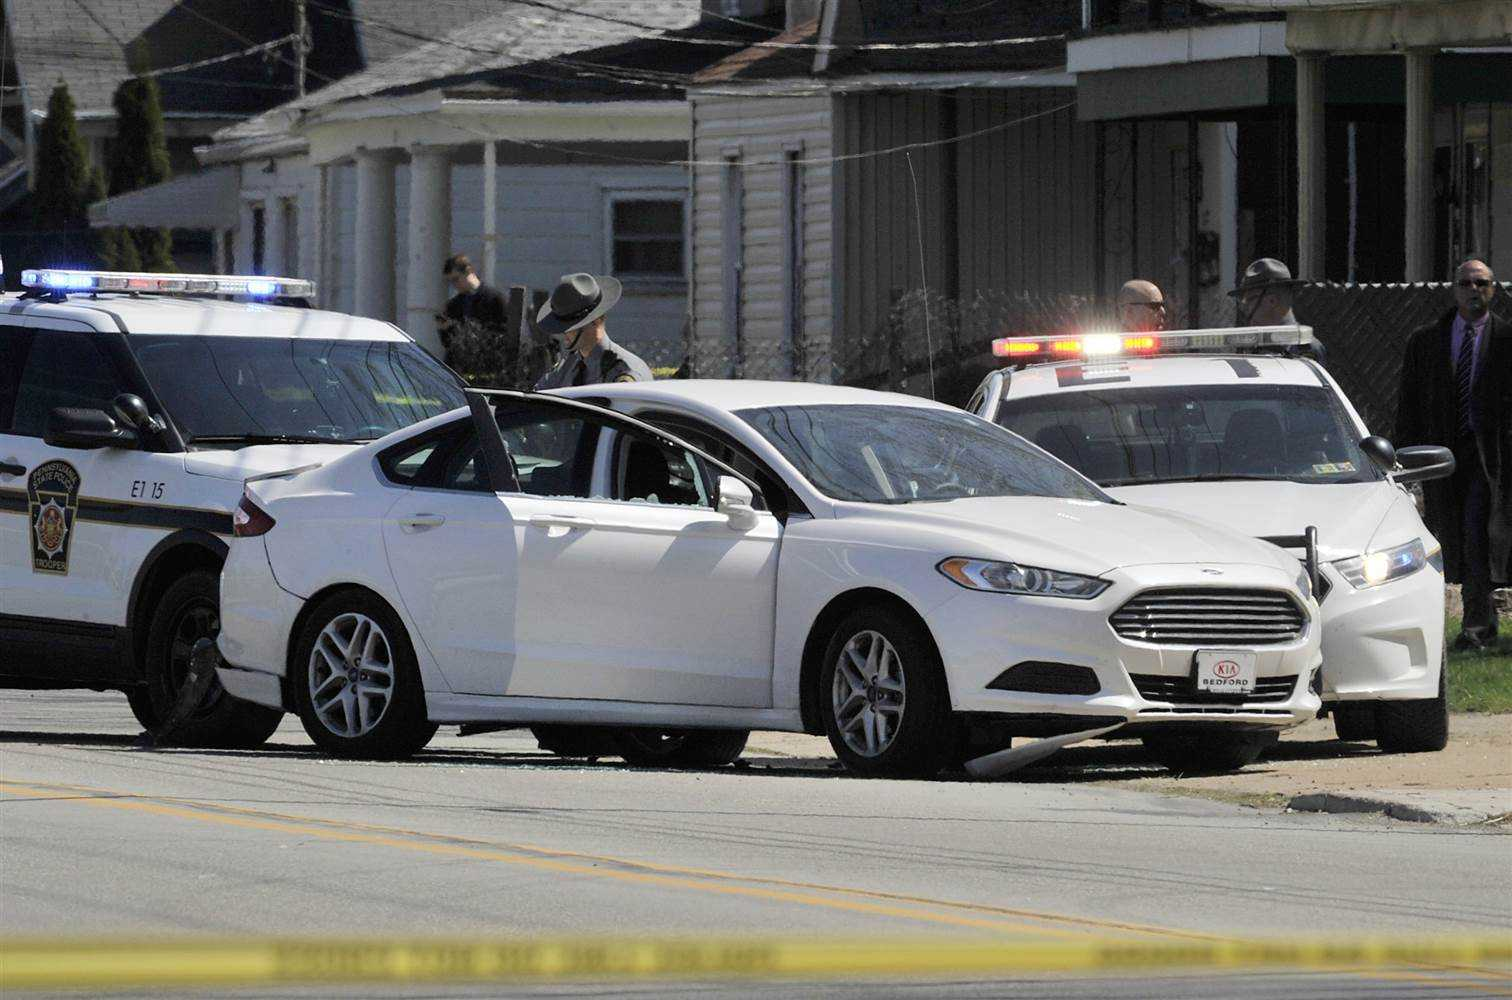 McDonald's Pit Stop Leads To End Of Manhunt For 'Facebook Killer' | Facebook Killer